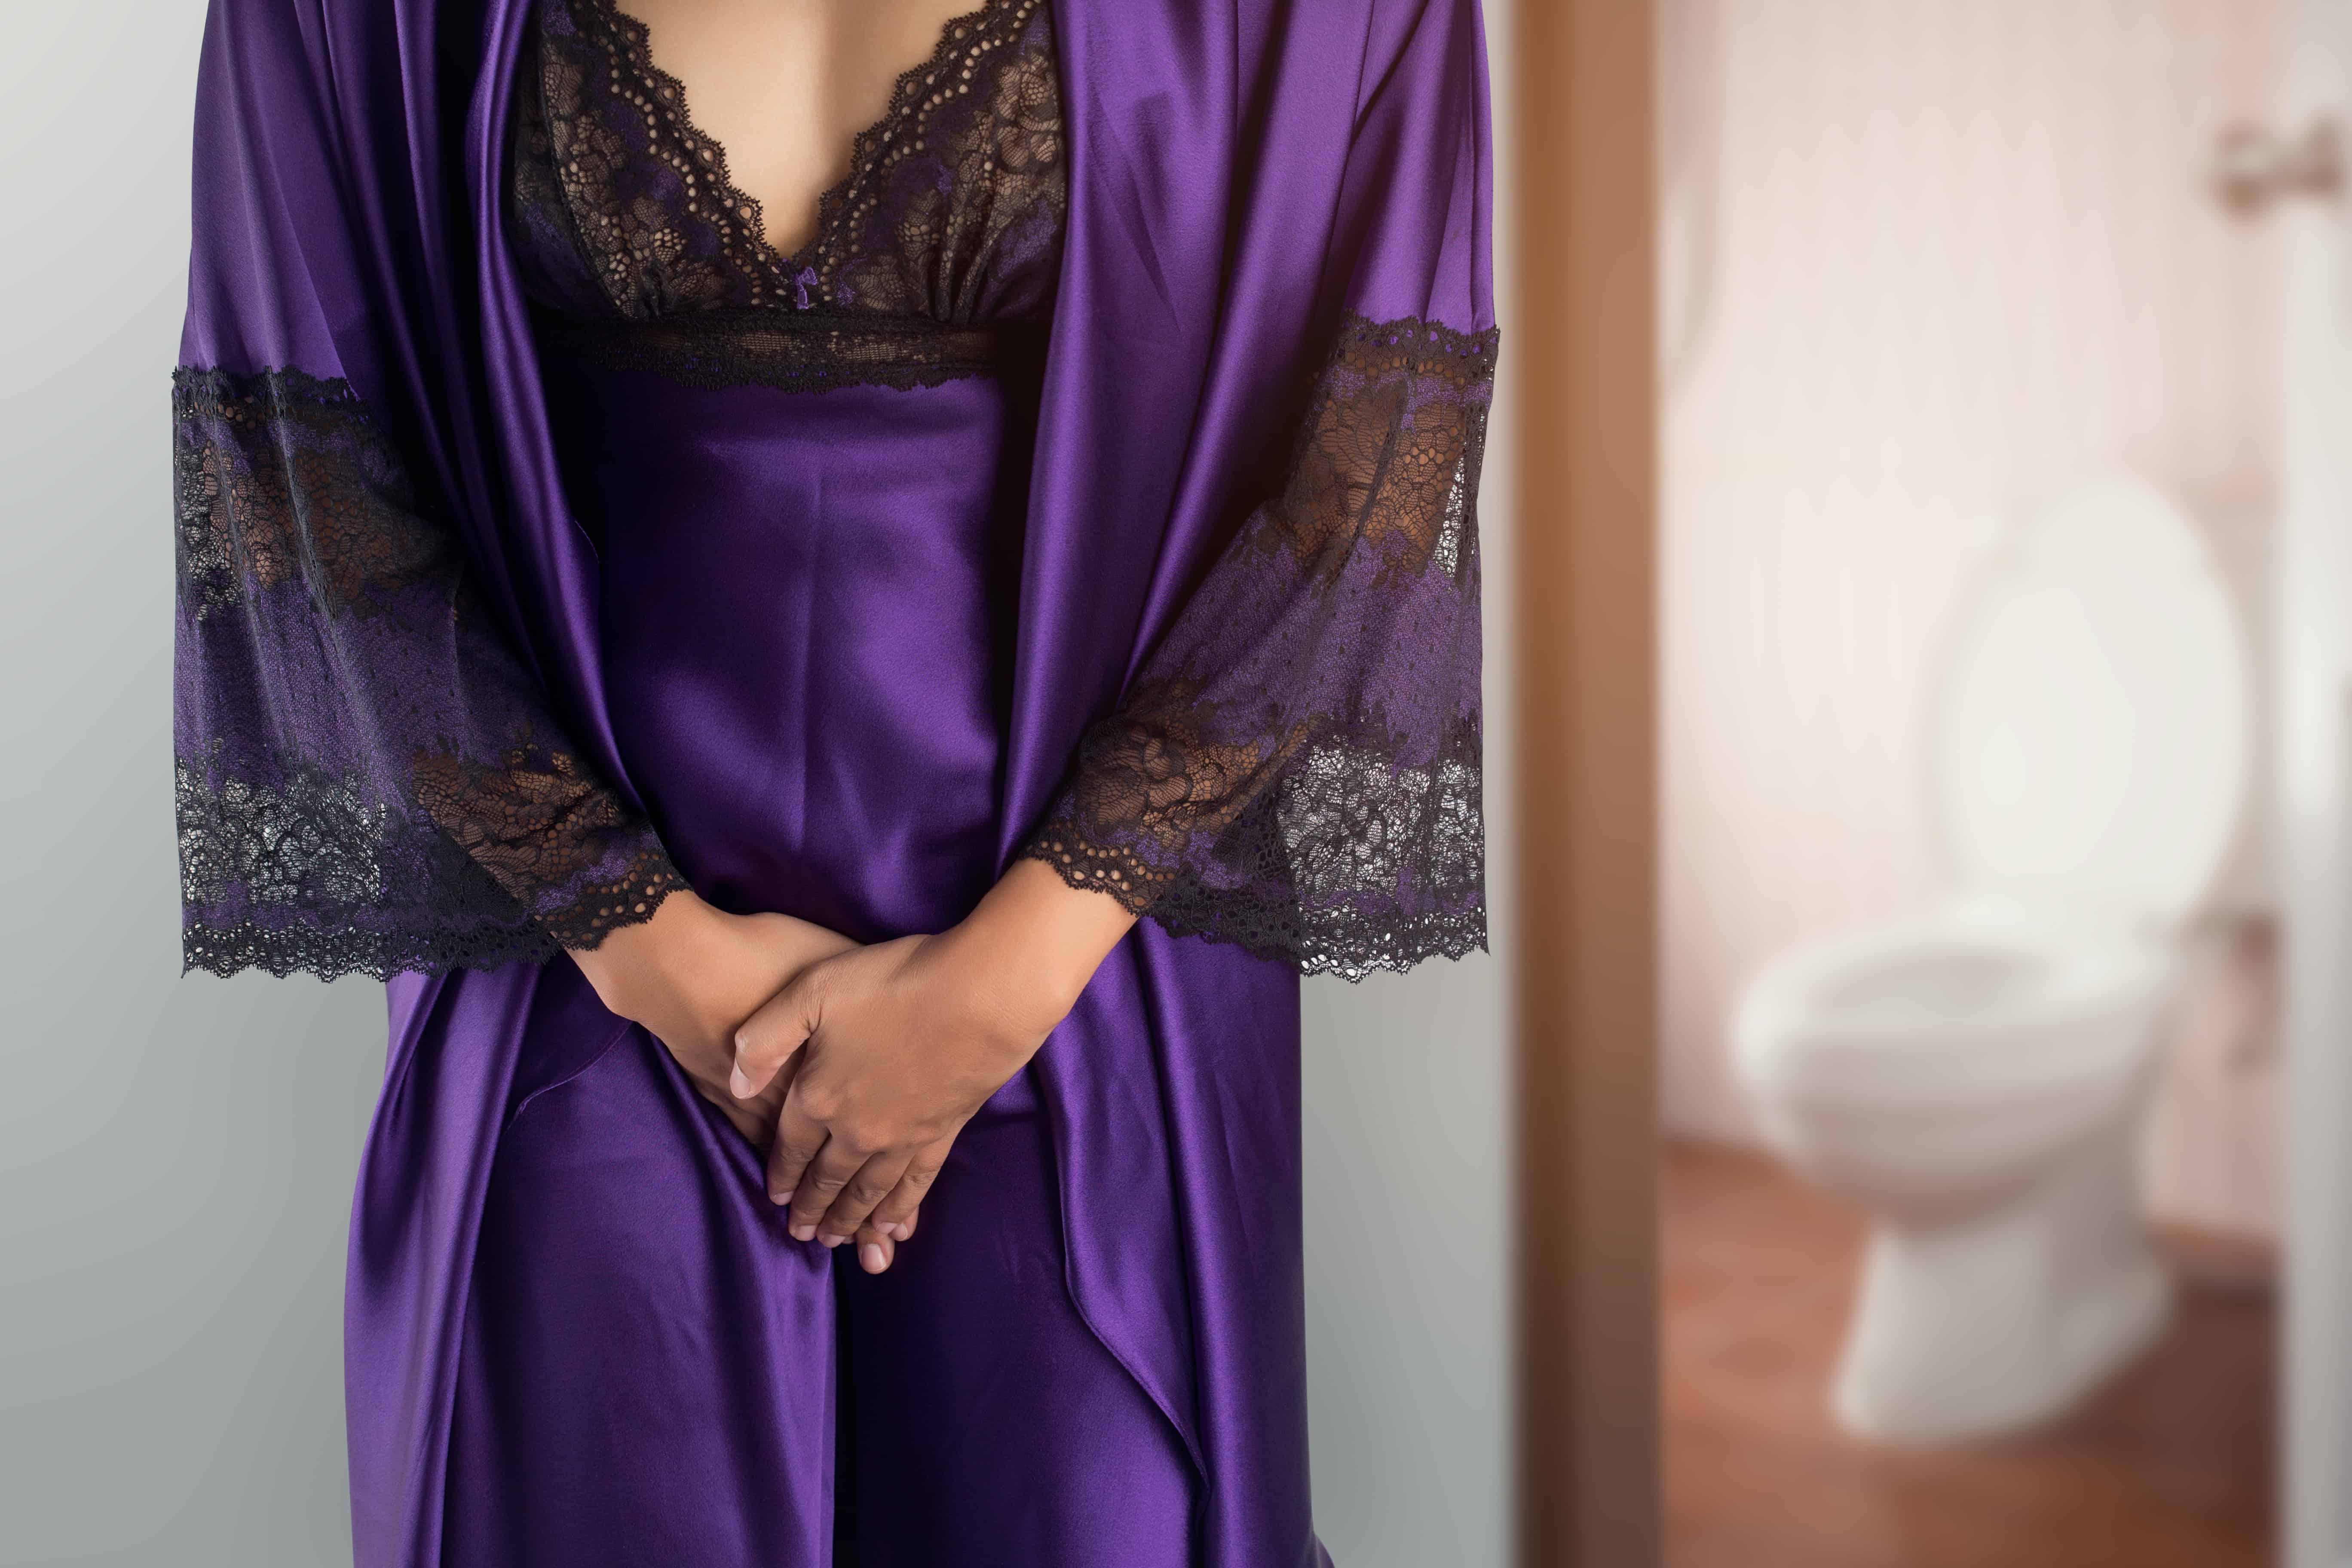 O que acontece na incontinência urinária feminina?